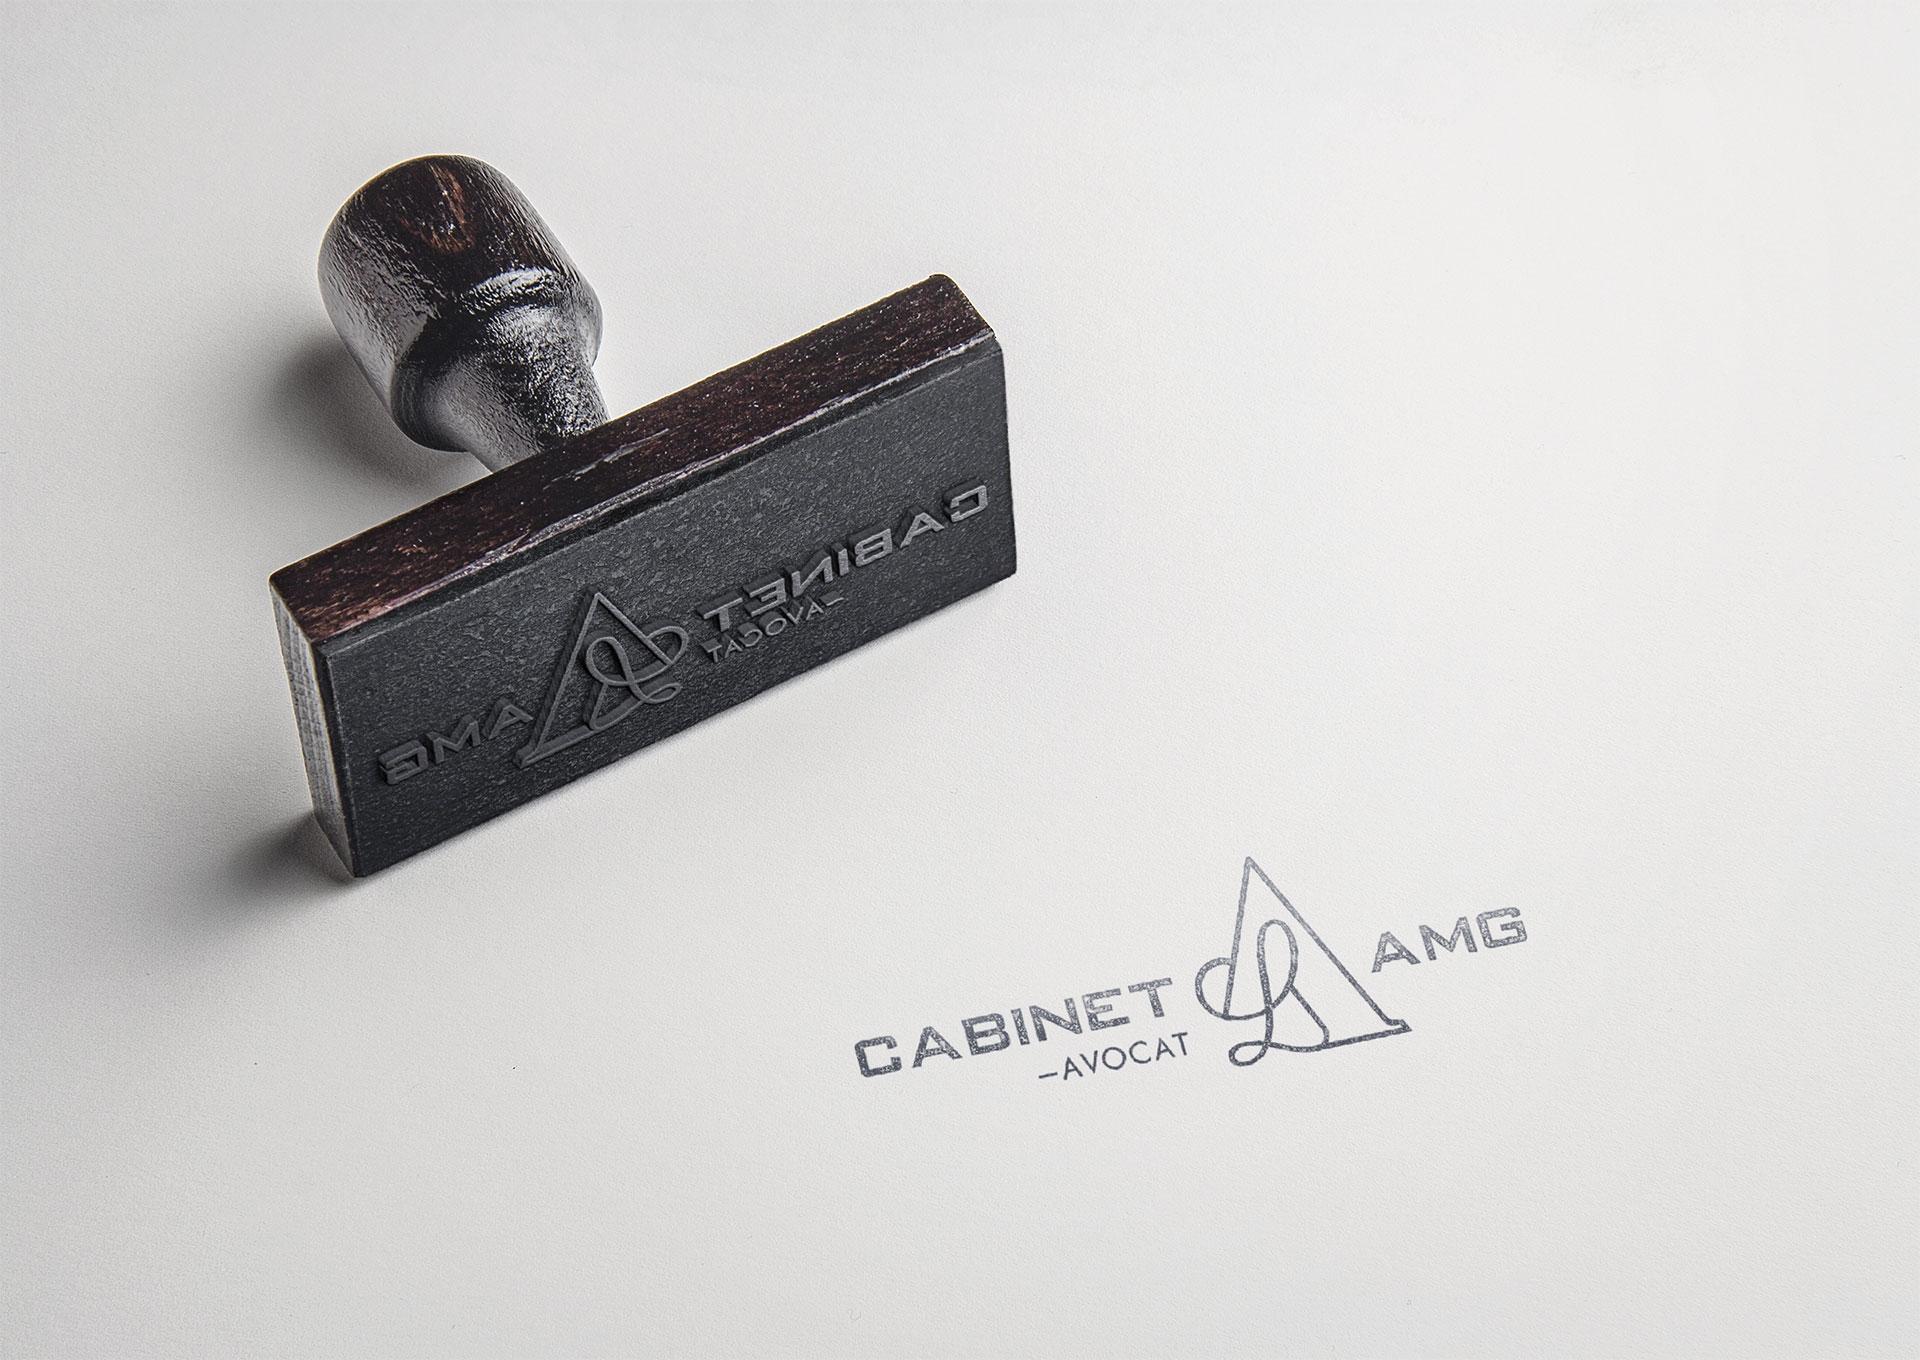 Signature Cabinet AMG